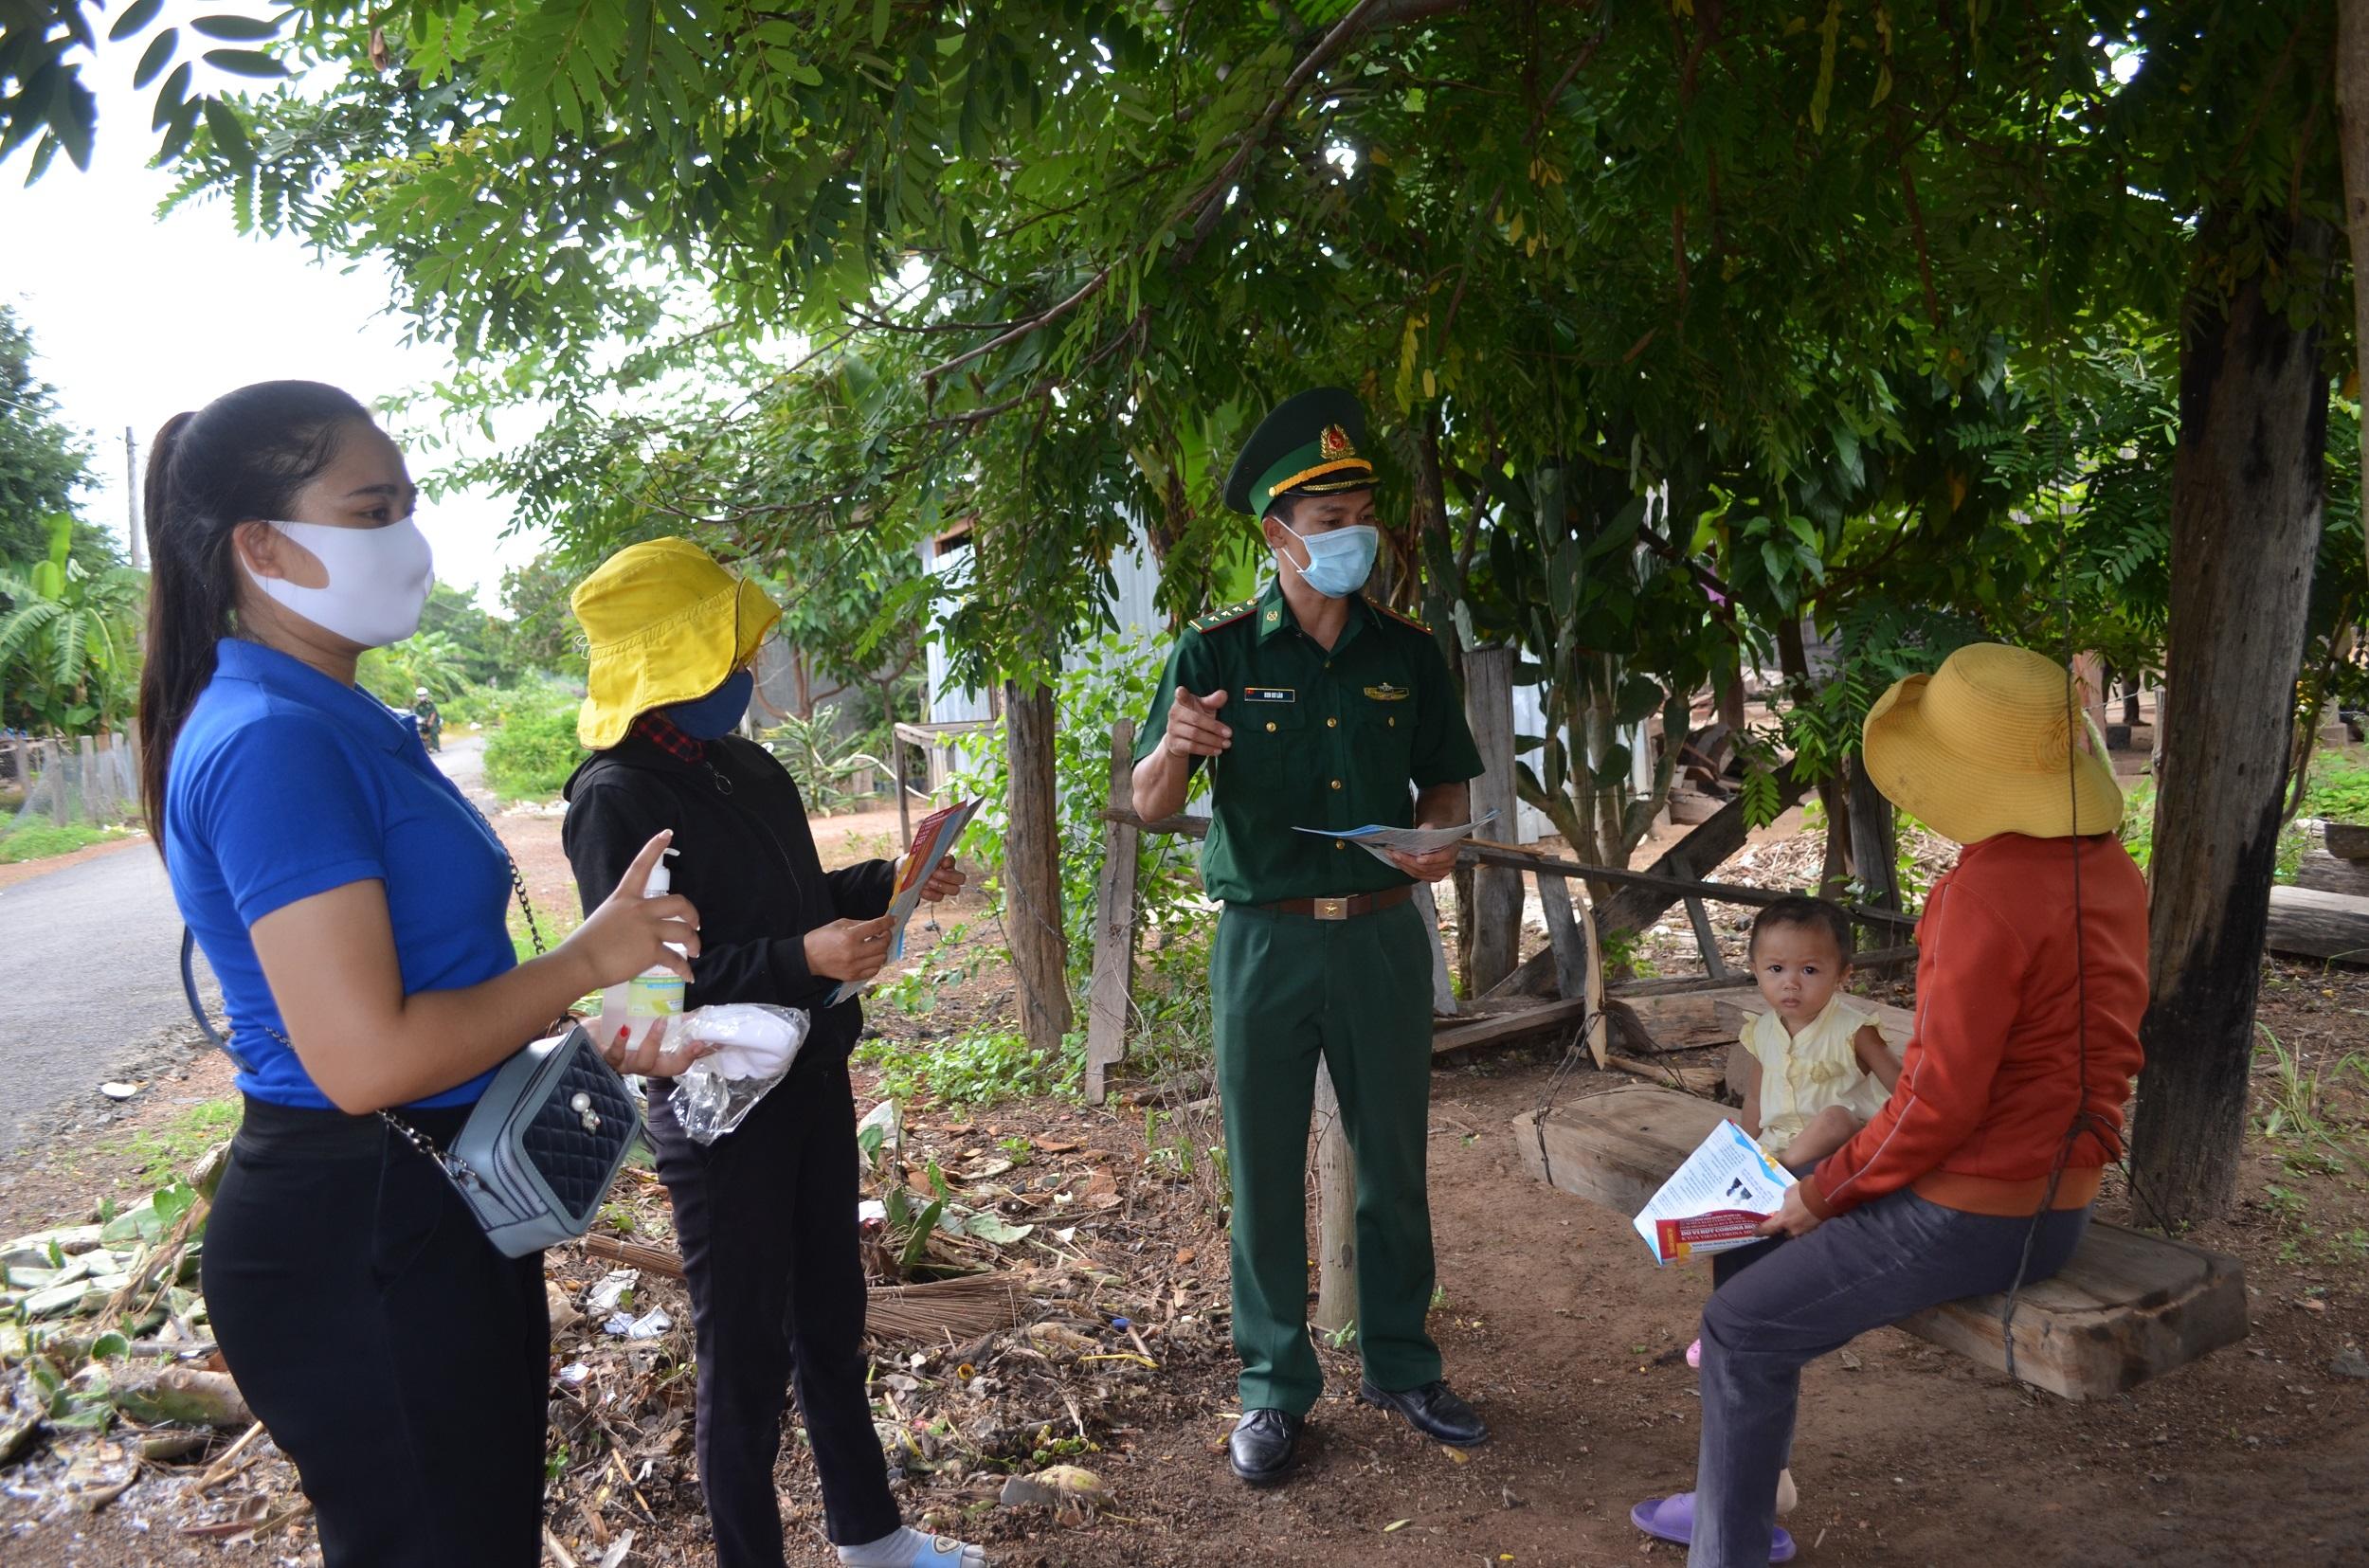 Nhiều hoạt động trong Tháng cao điểm tuyên truyền phòng, chống dịch Covid-19 ở khu vực biên giới tỉnh Đắk Lắk